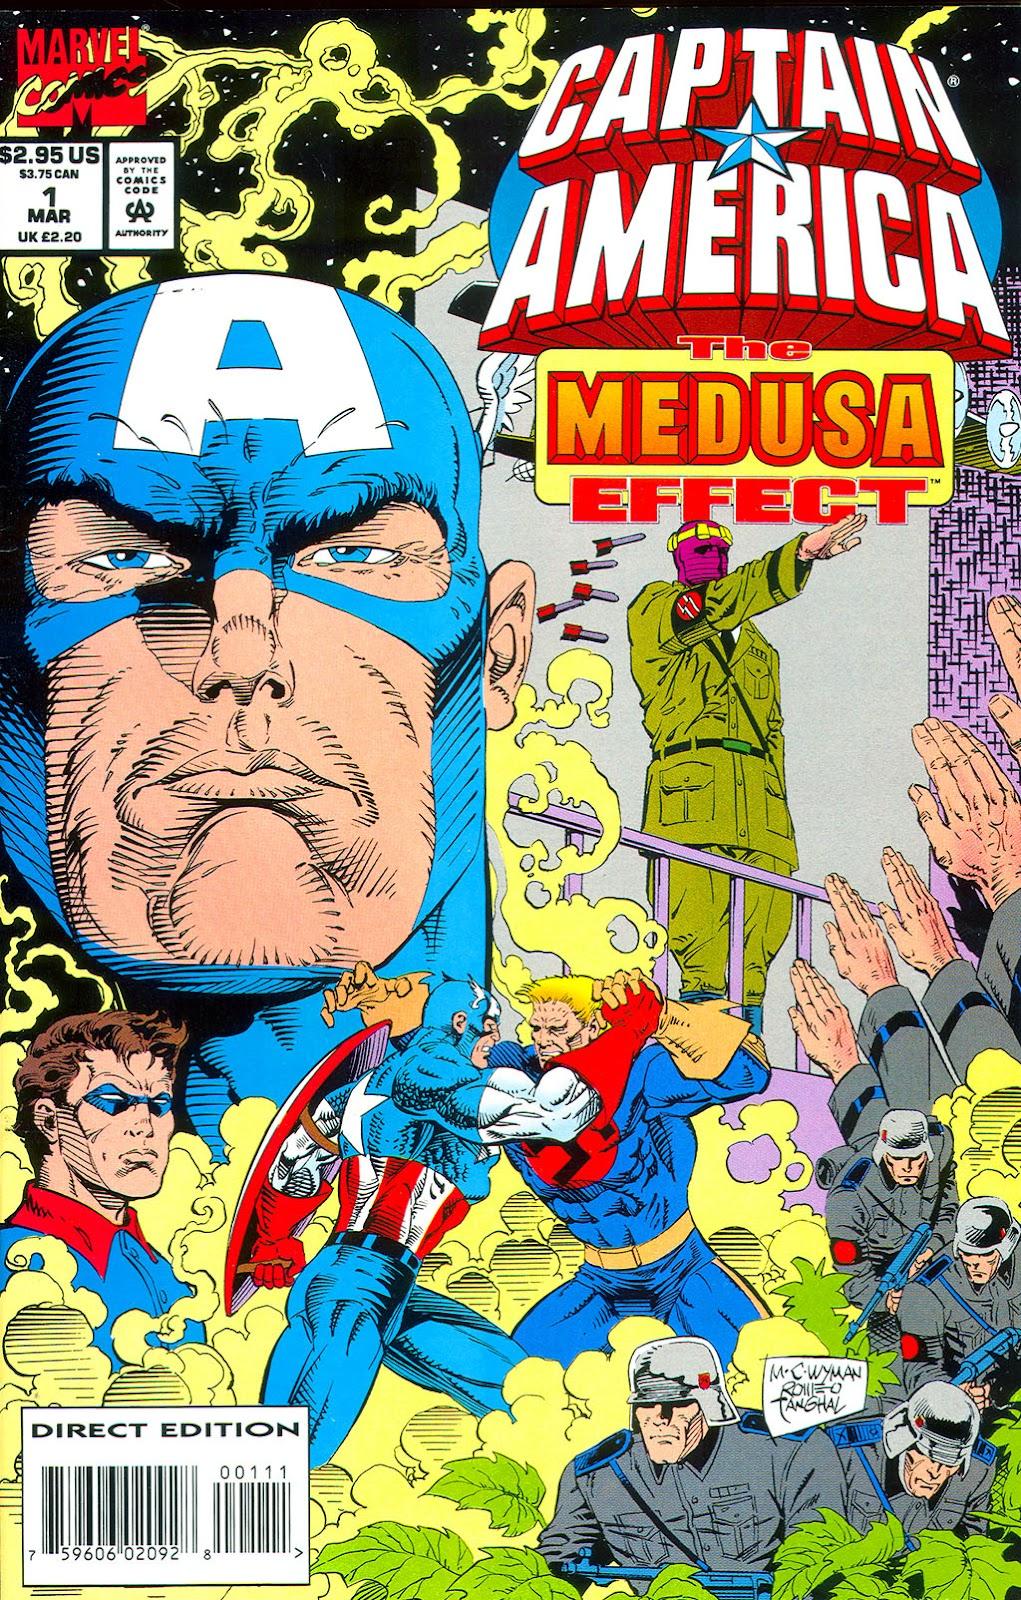 Captain America: Medusa Effect Full Page 1